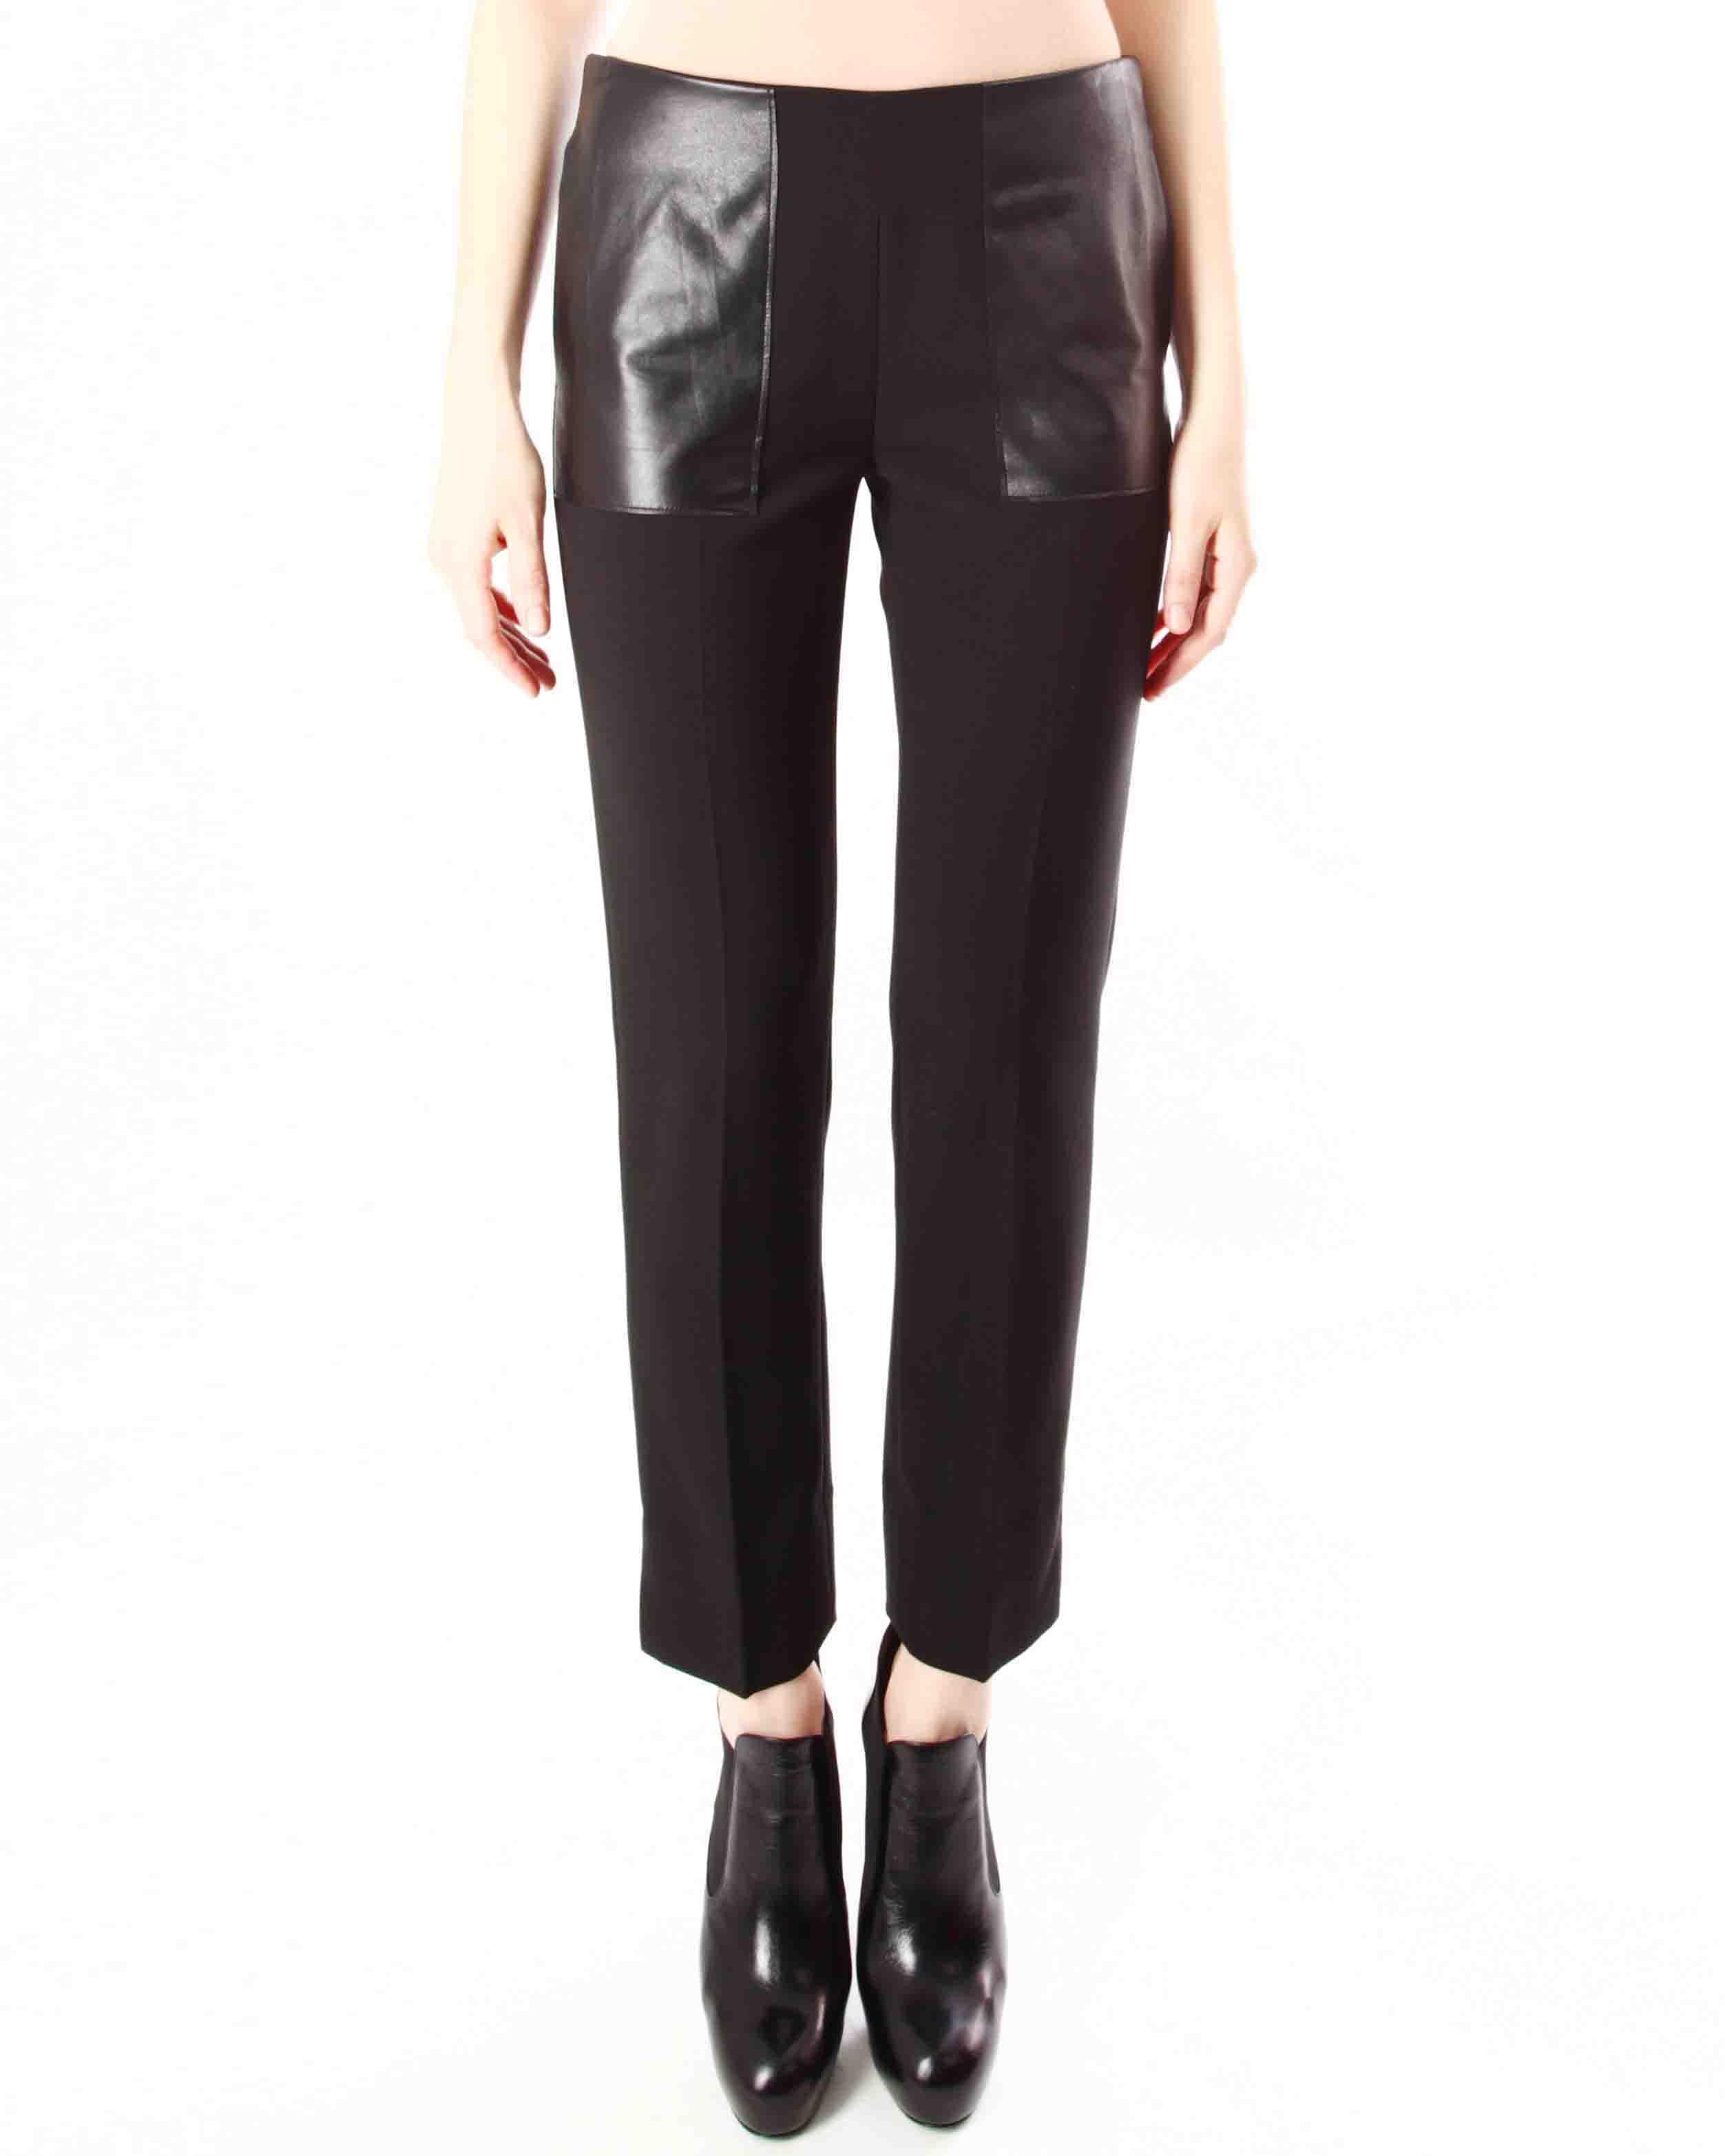 женская брюки JO NO FUI, сезон: зима 2013/14. Купить за 9900 руб. | Фото 1